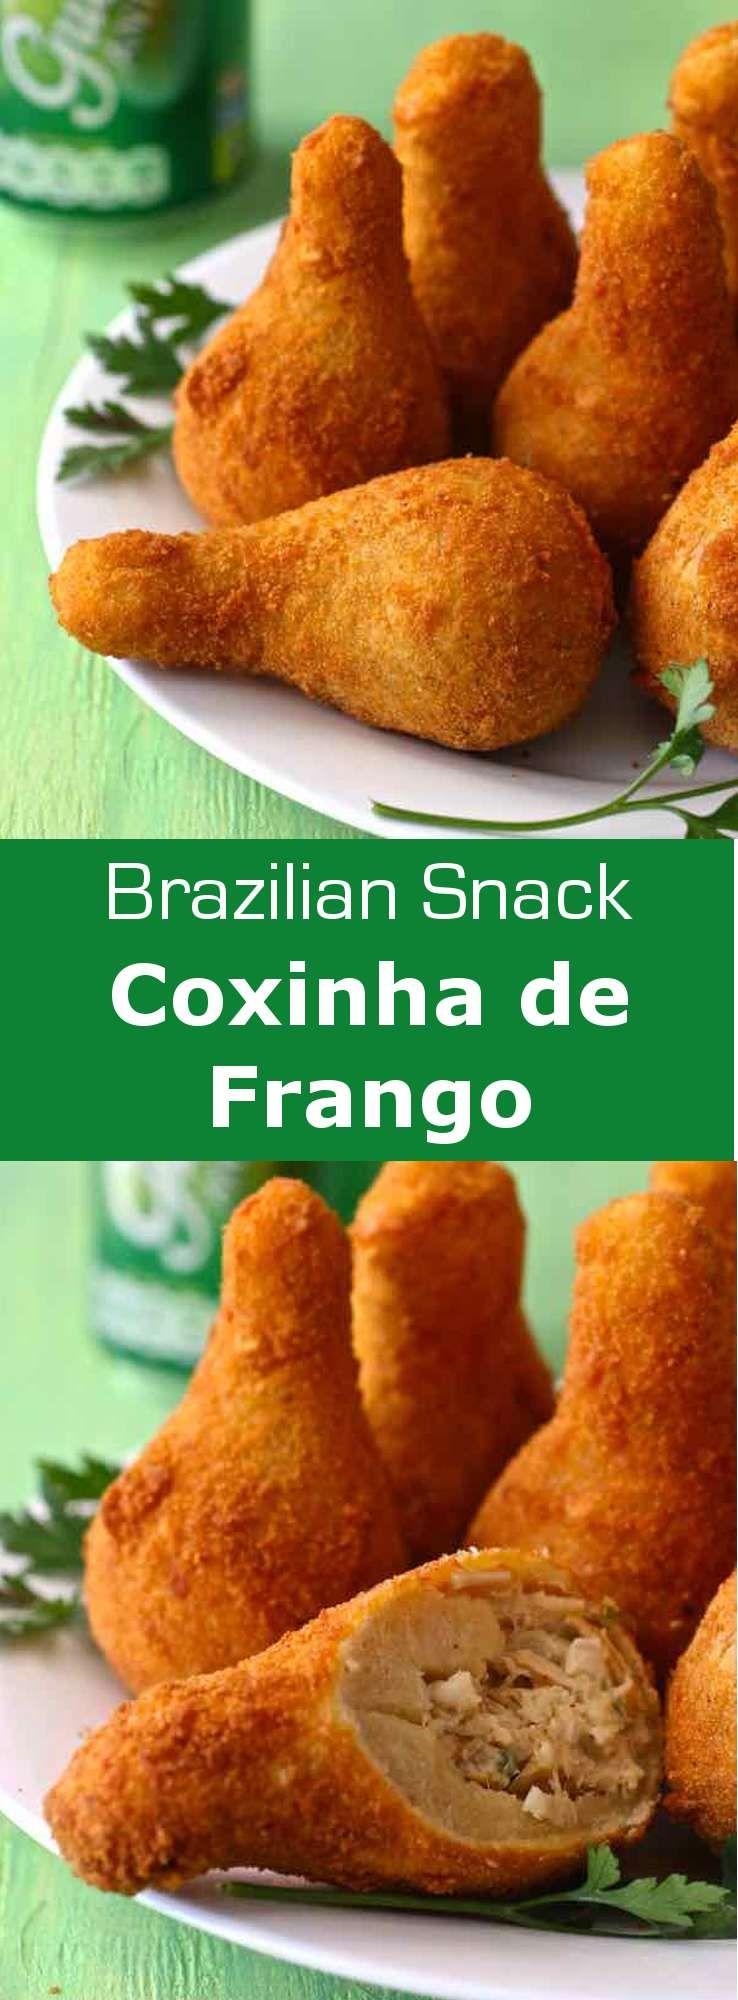 Photo of Brazil: Coxinha de Frango